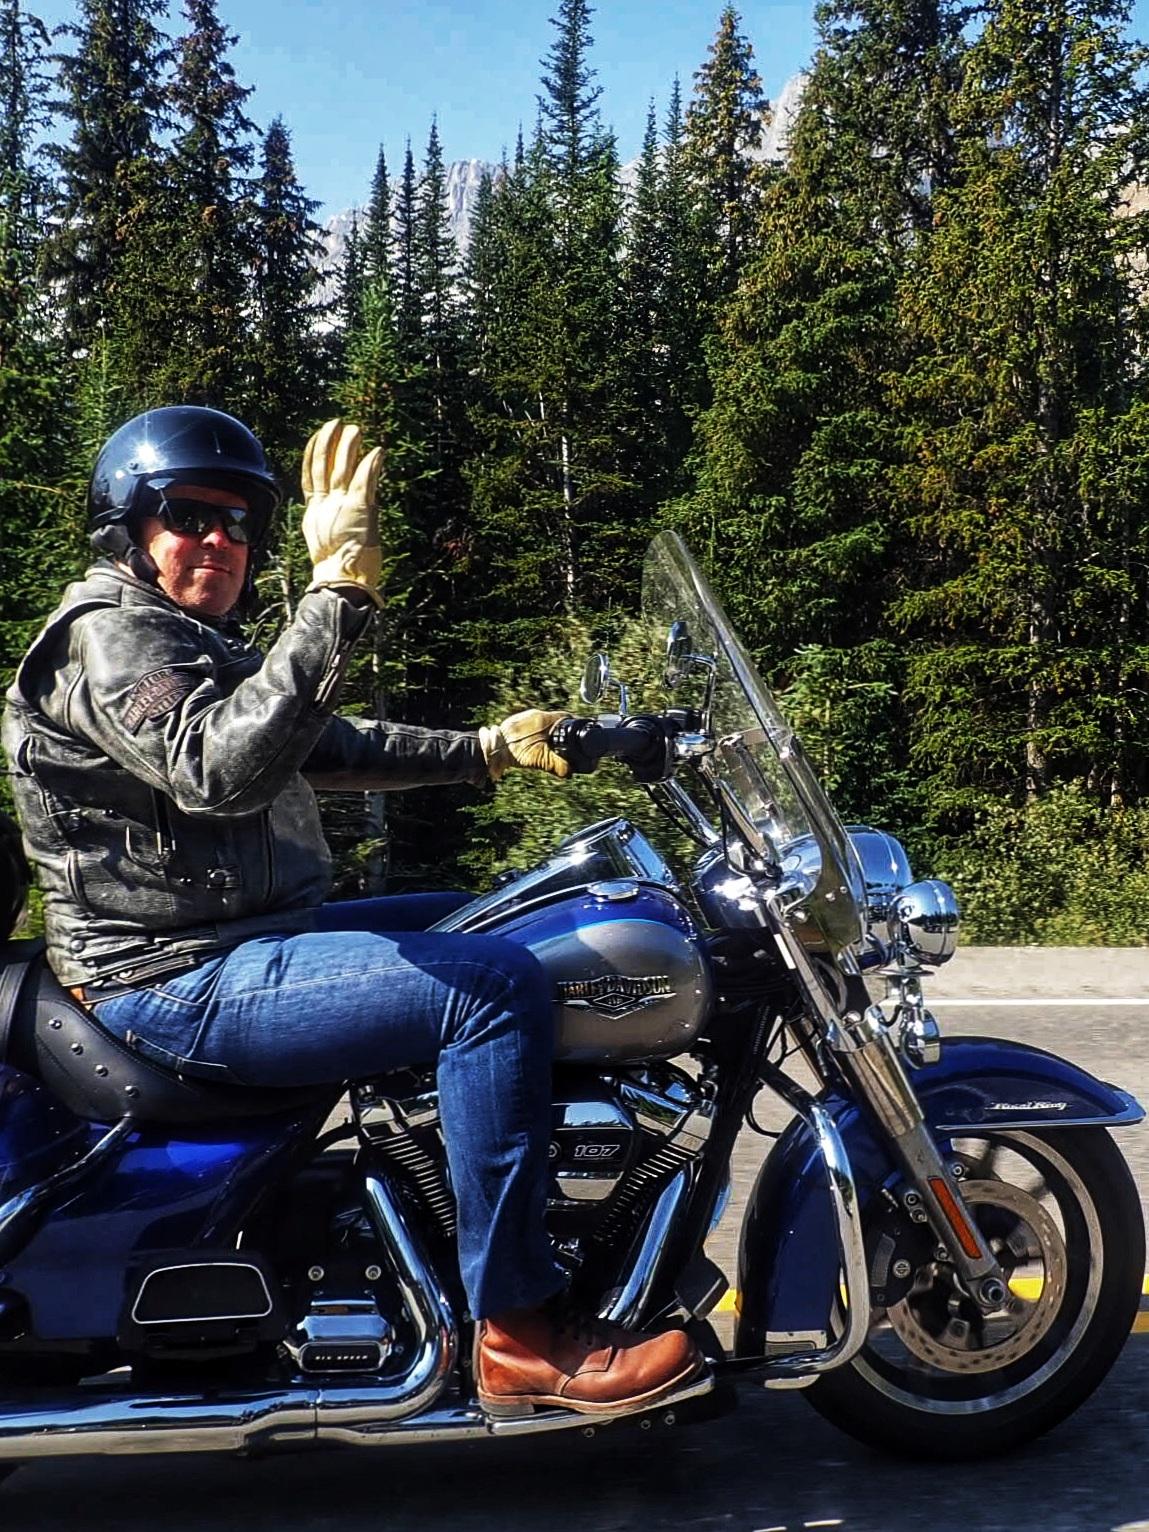 HINTA - • Kuljettaja | 4590€• Matkustaja | 2990€• BMW 1200GS tai vastaava | + 250€• Harley-Davidson | + 250€• 1 hengen huone | + 920€